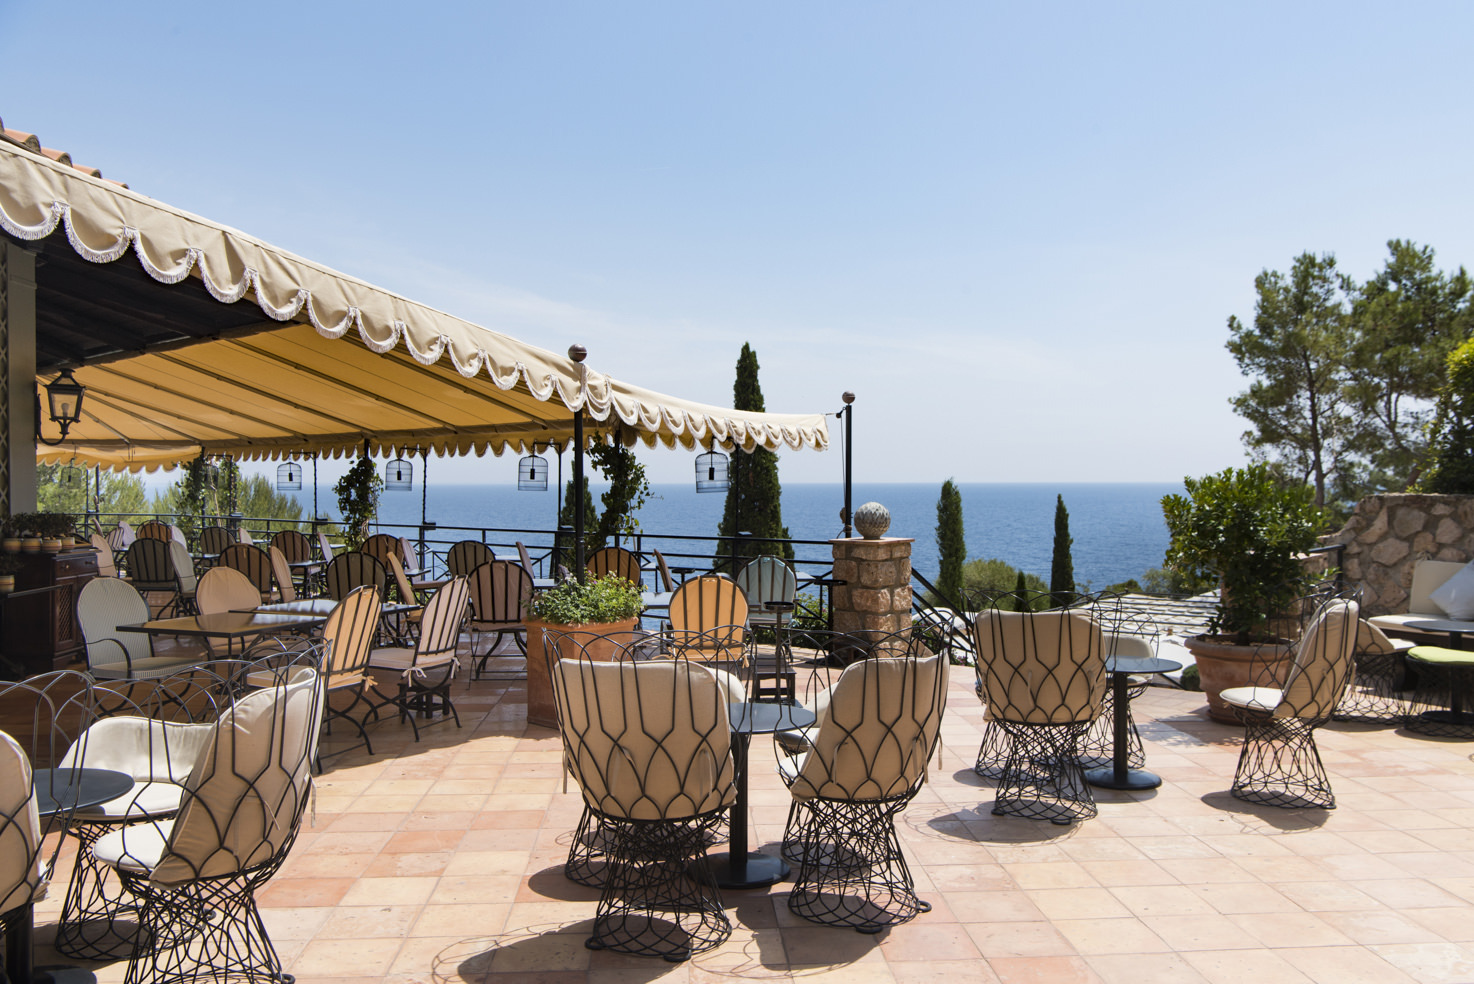 Il Pellicano bar terrace